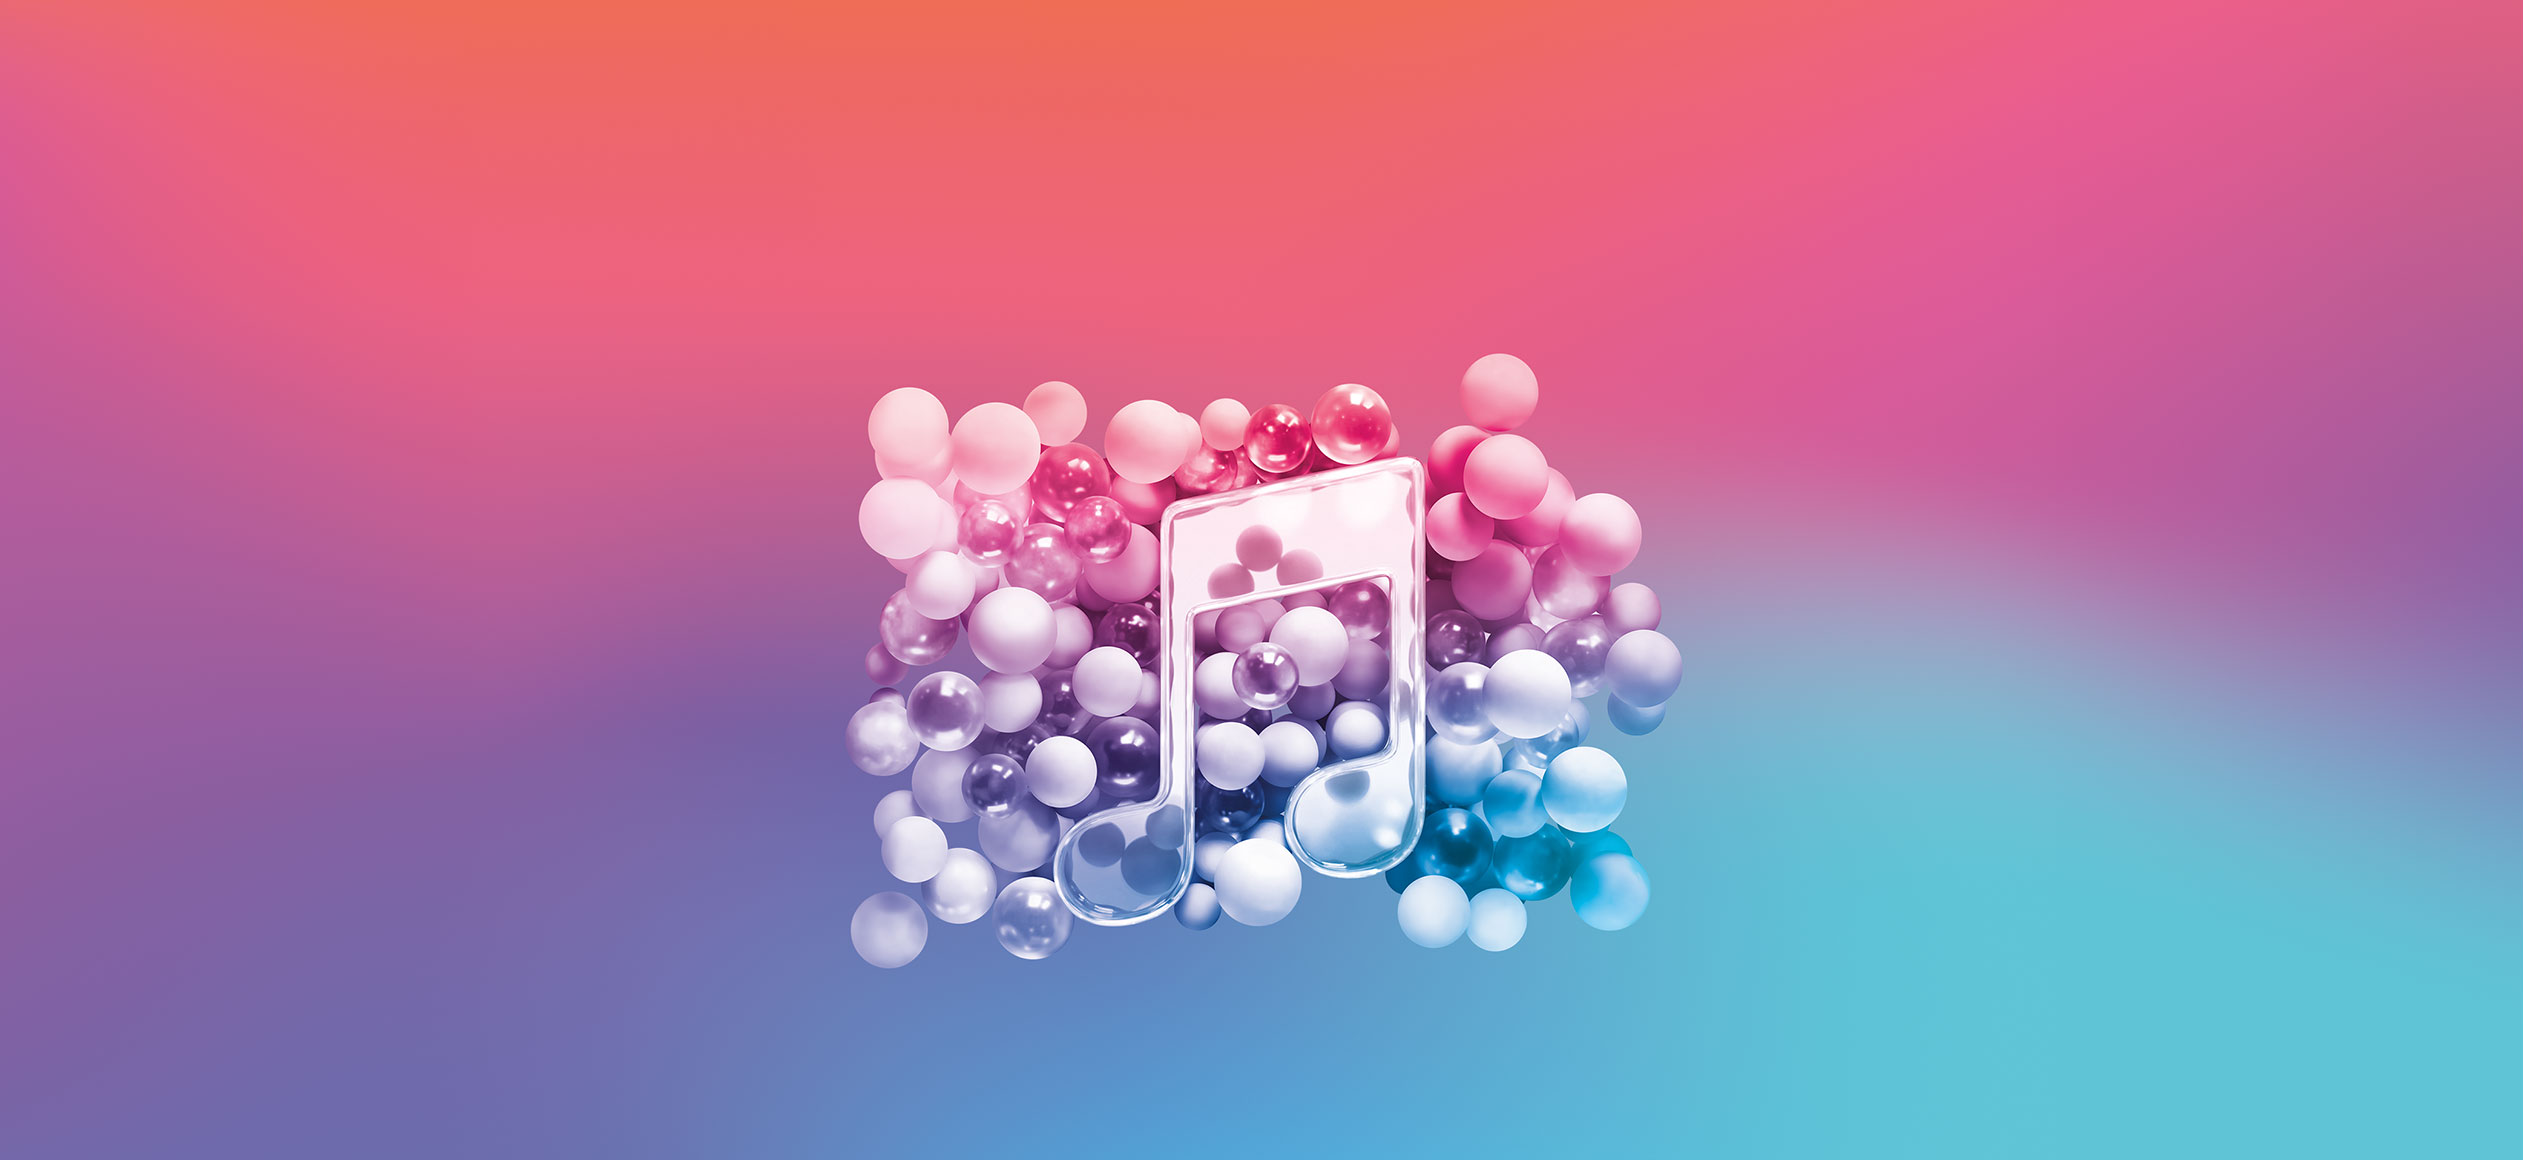 Apple Music Shareable Milestones